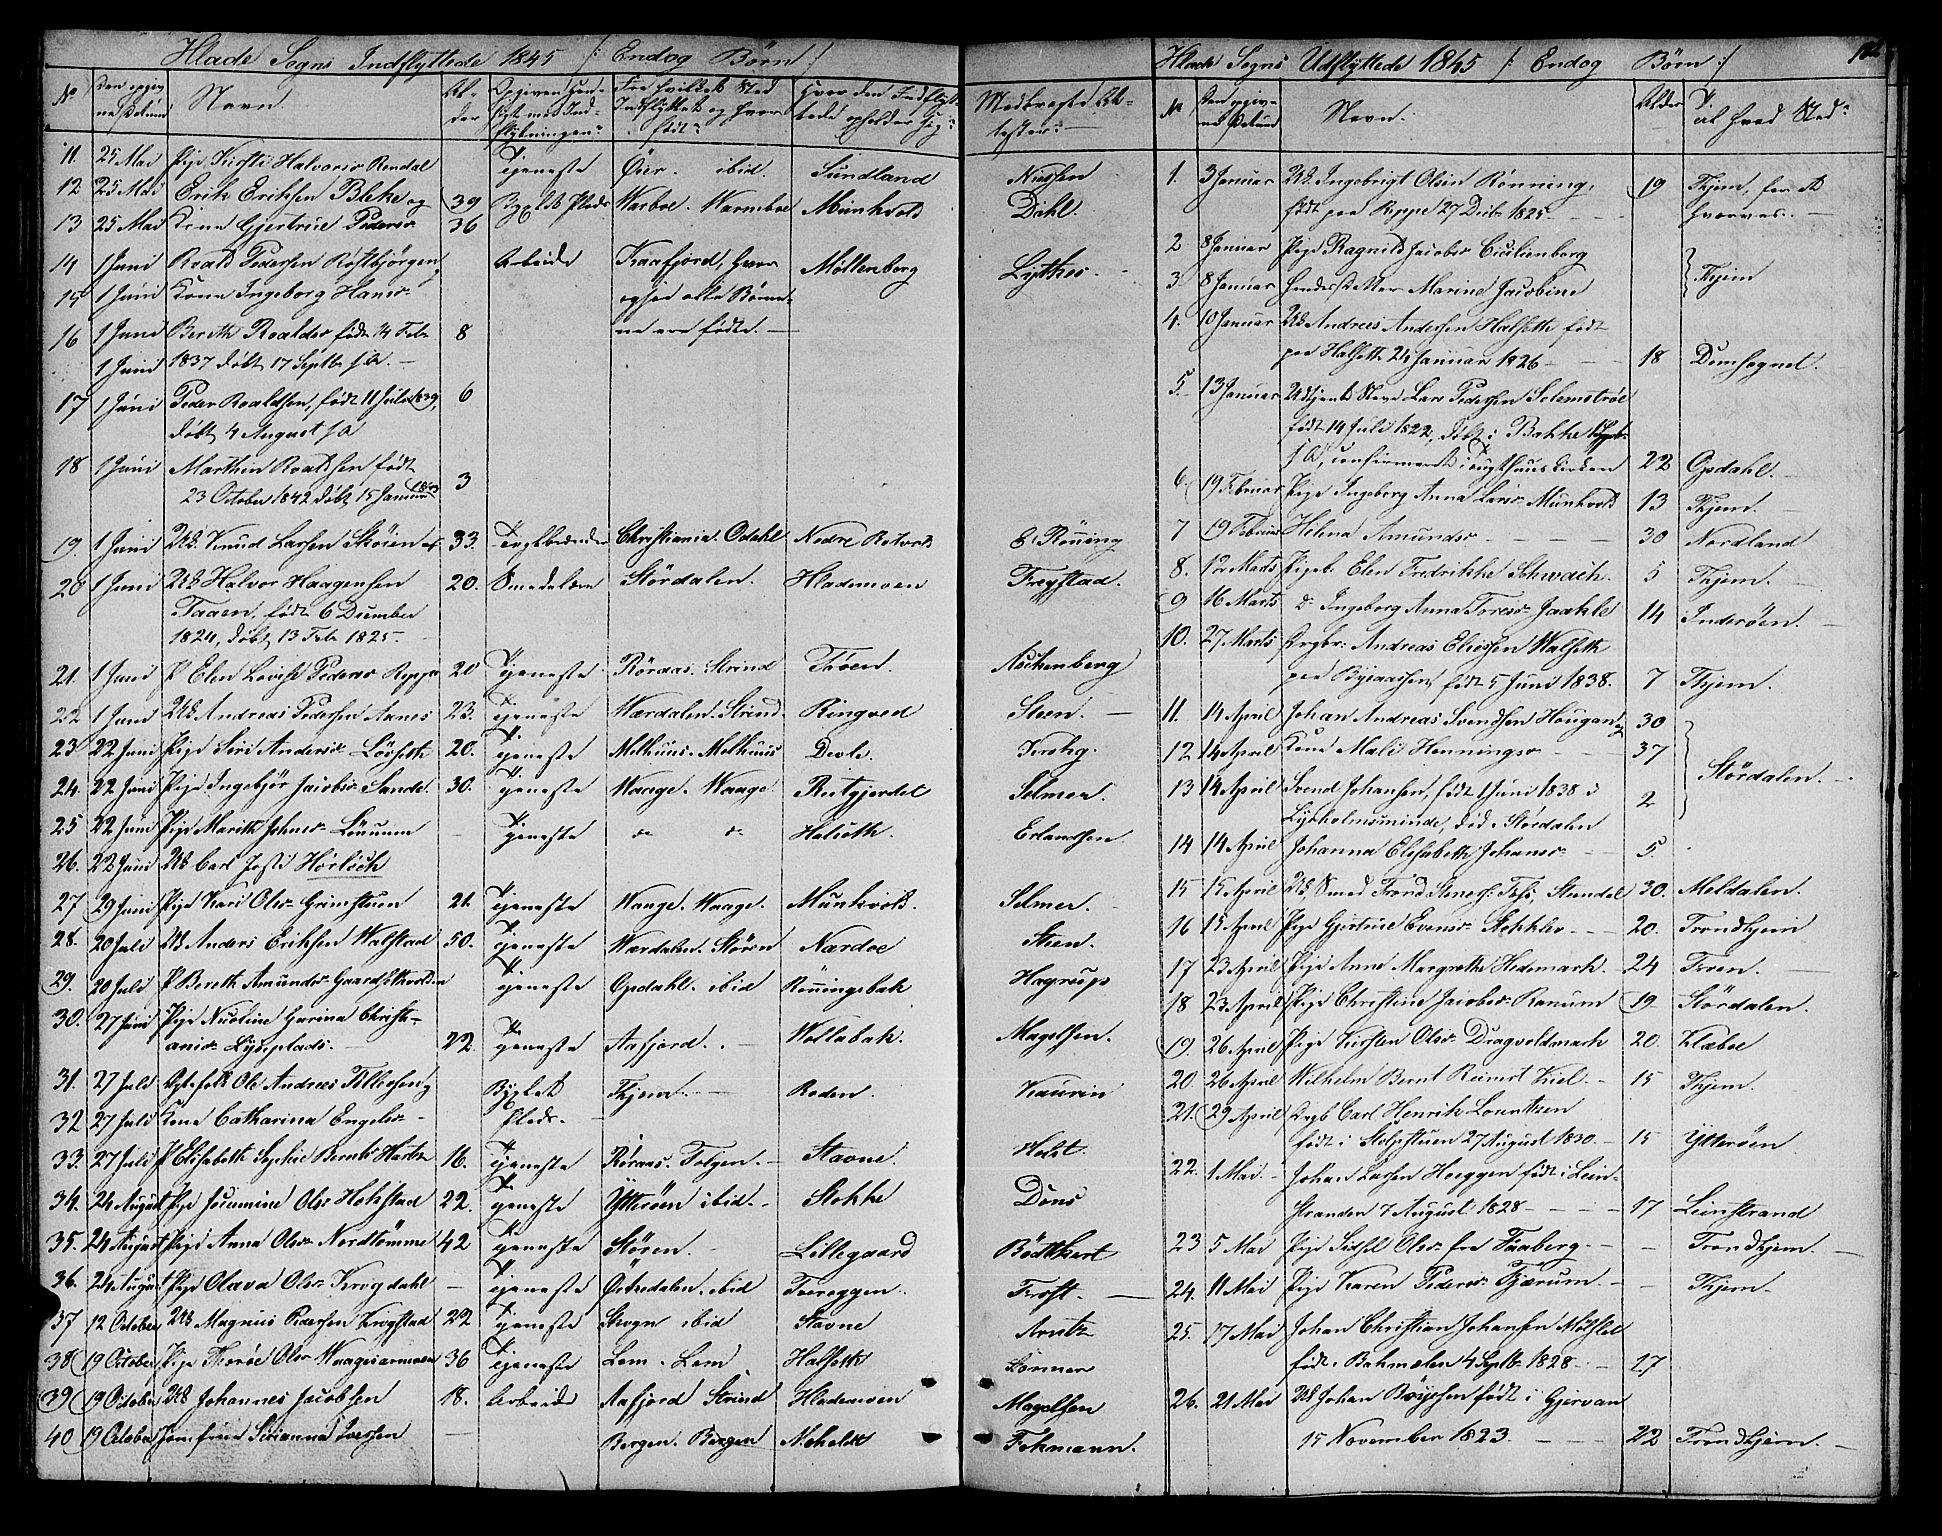 SAT, Ministerialprotokoller, klokkerbøker og fødselsregistre - Sør-Trøndelag, 606/L0309: Klokkerbok nr. 606C05, 1841-1849, s. 182